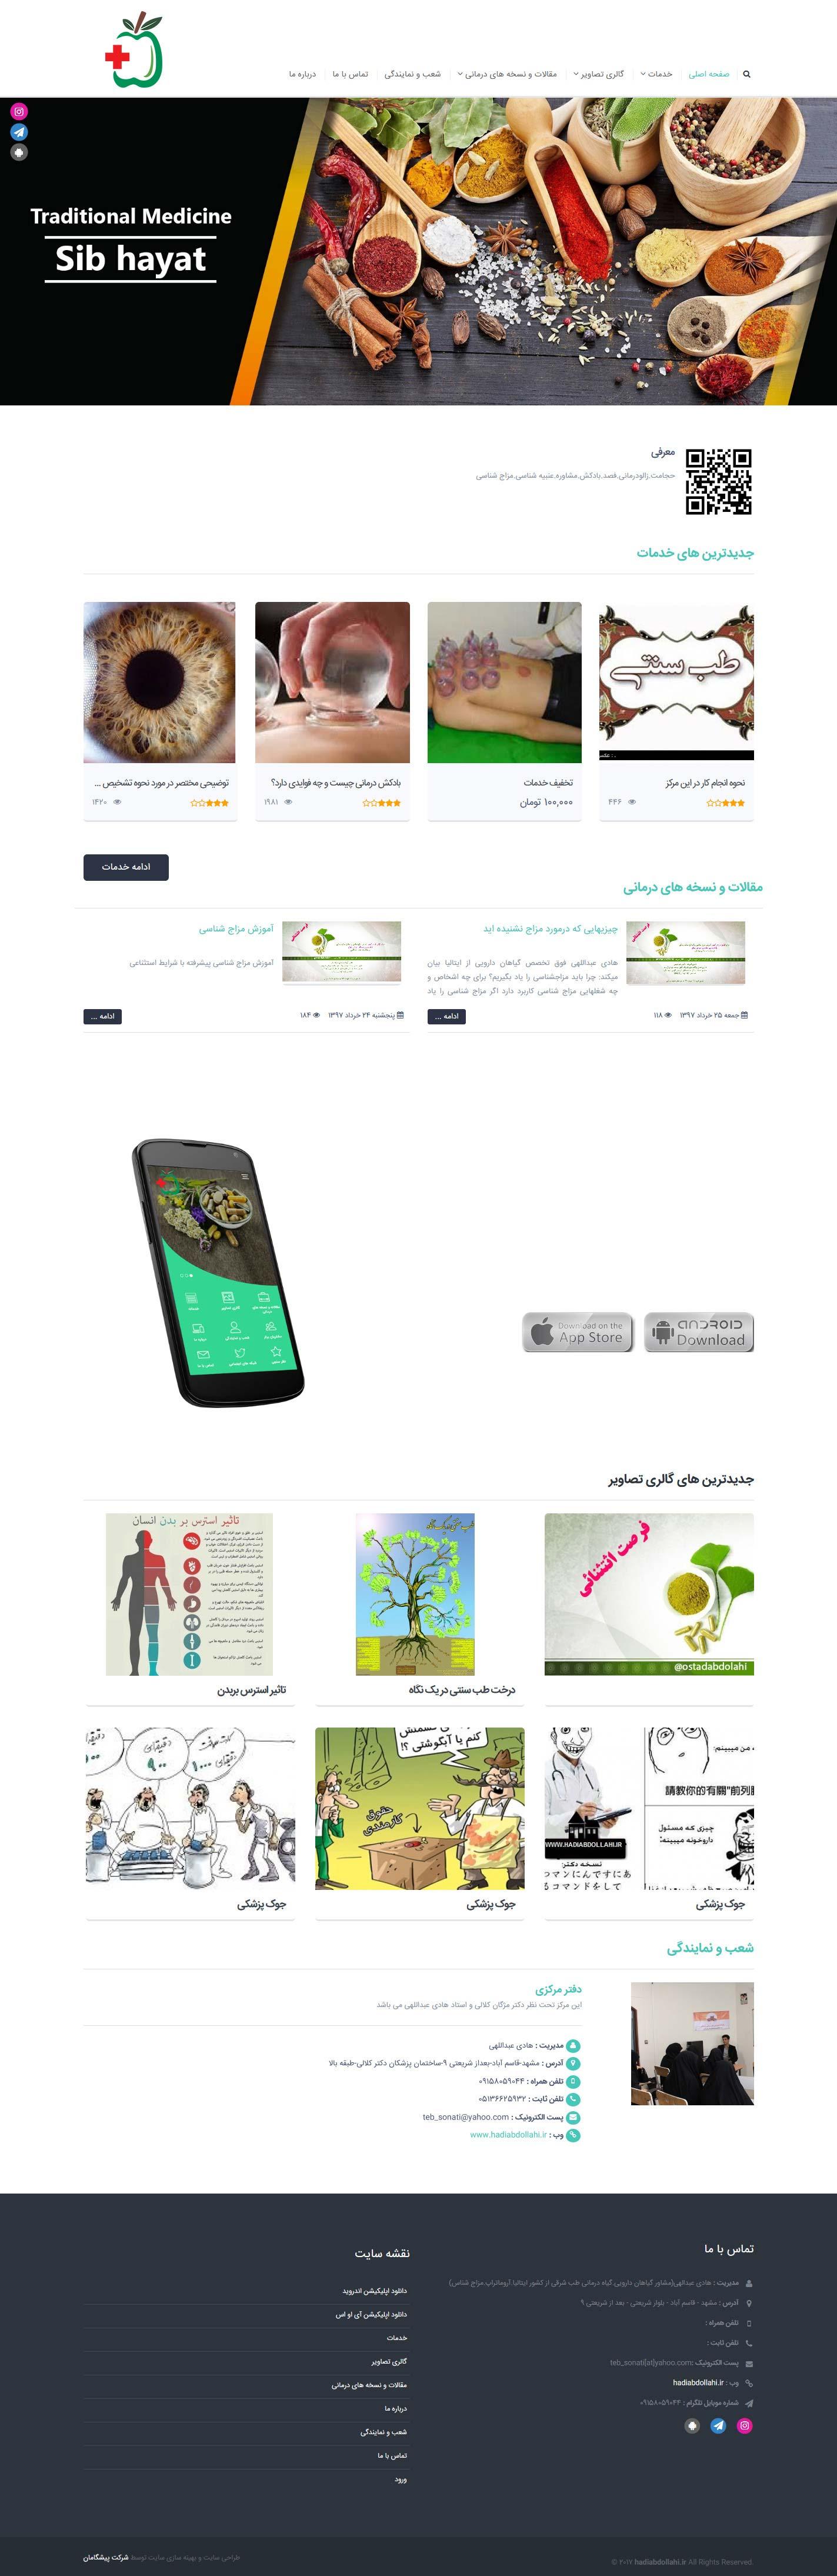 طراحی سایت سیب سلامت